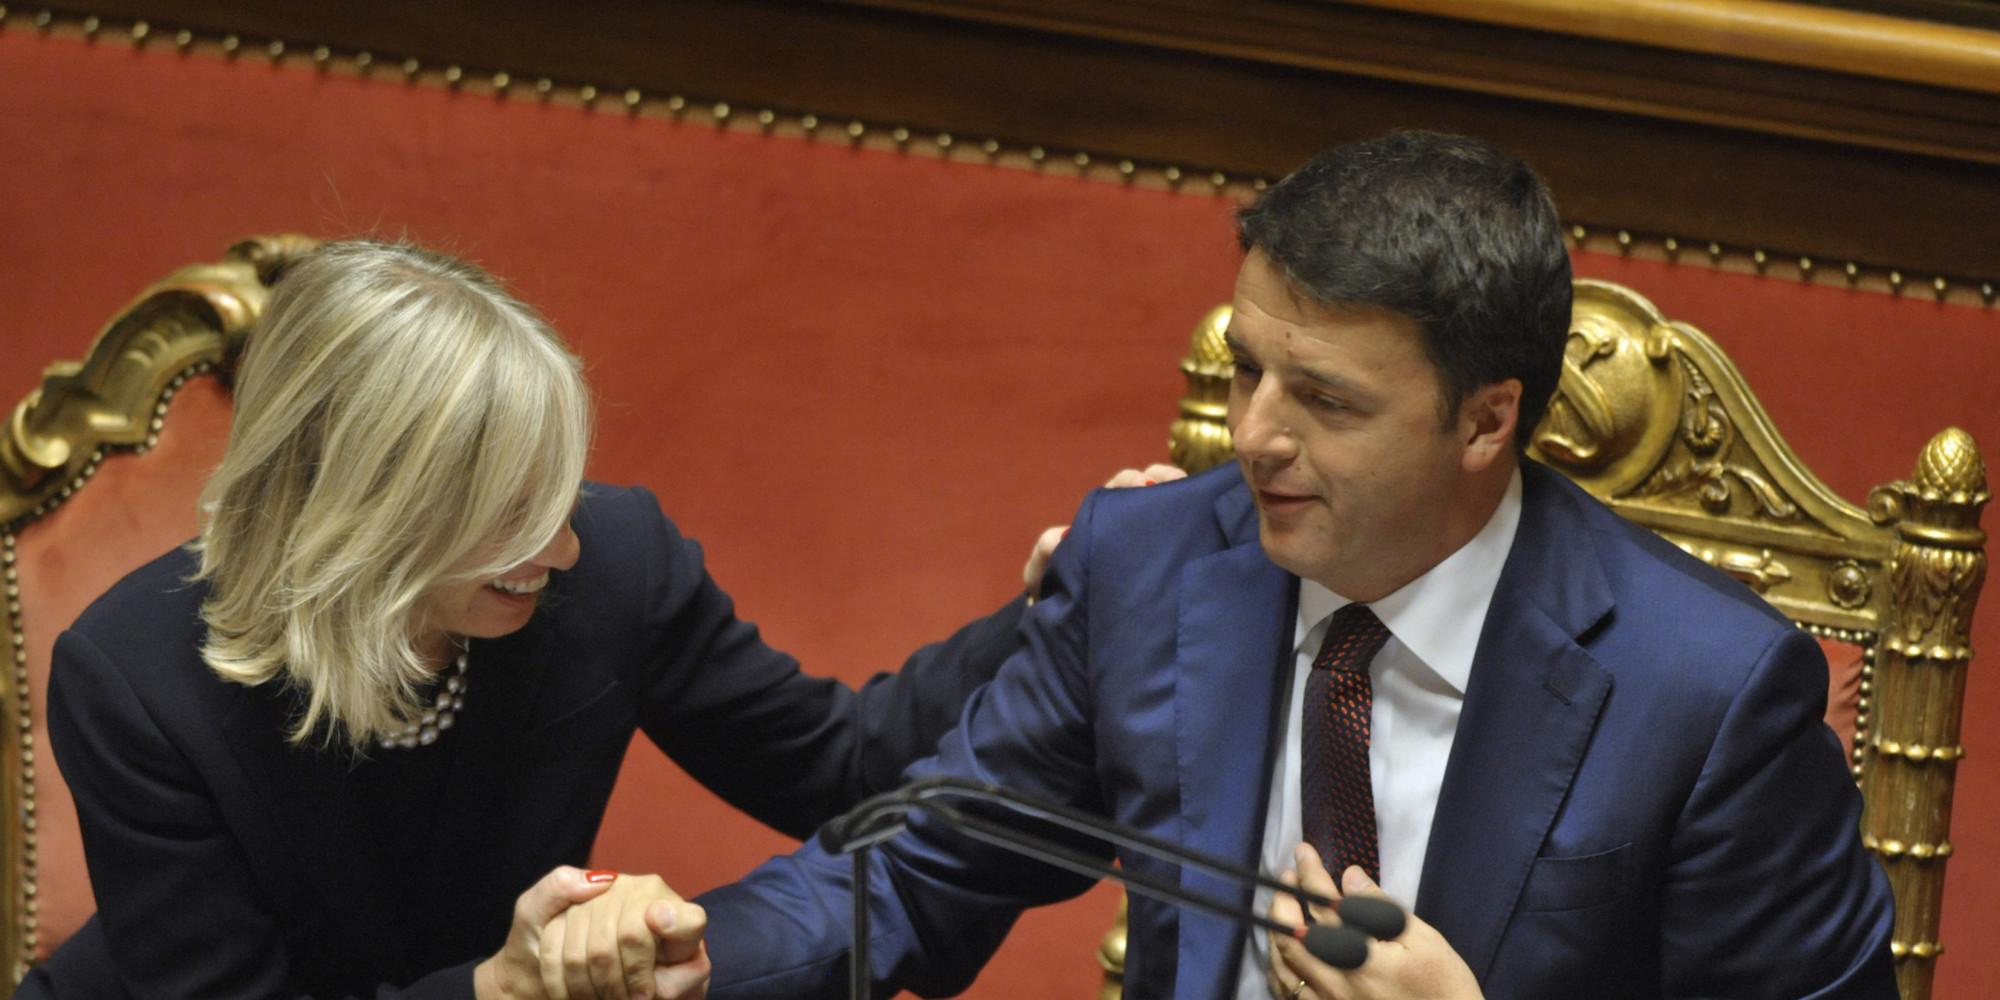 16/09/2014 Roma, Senato, il presidente del Consiglio Matteo Renzi illustra il programma del governo dei Mille Giorni, nella foto Stefania Giannini, ministro dell'istruzione